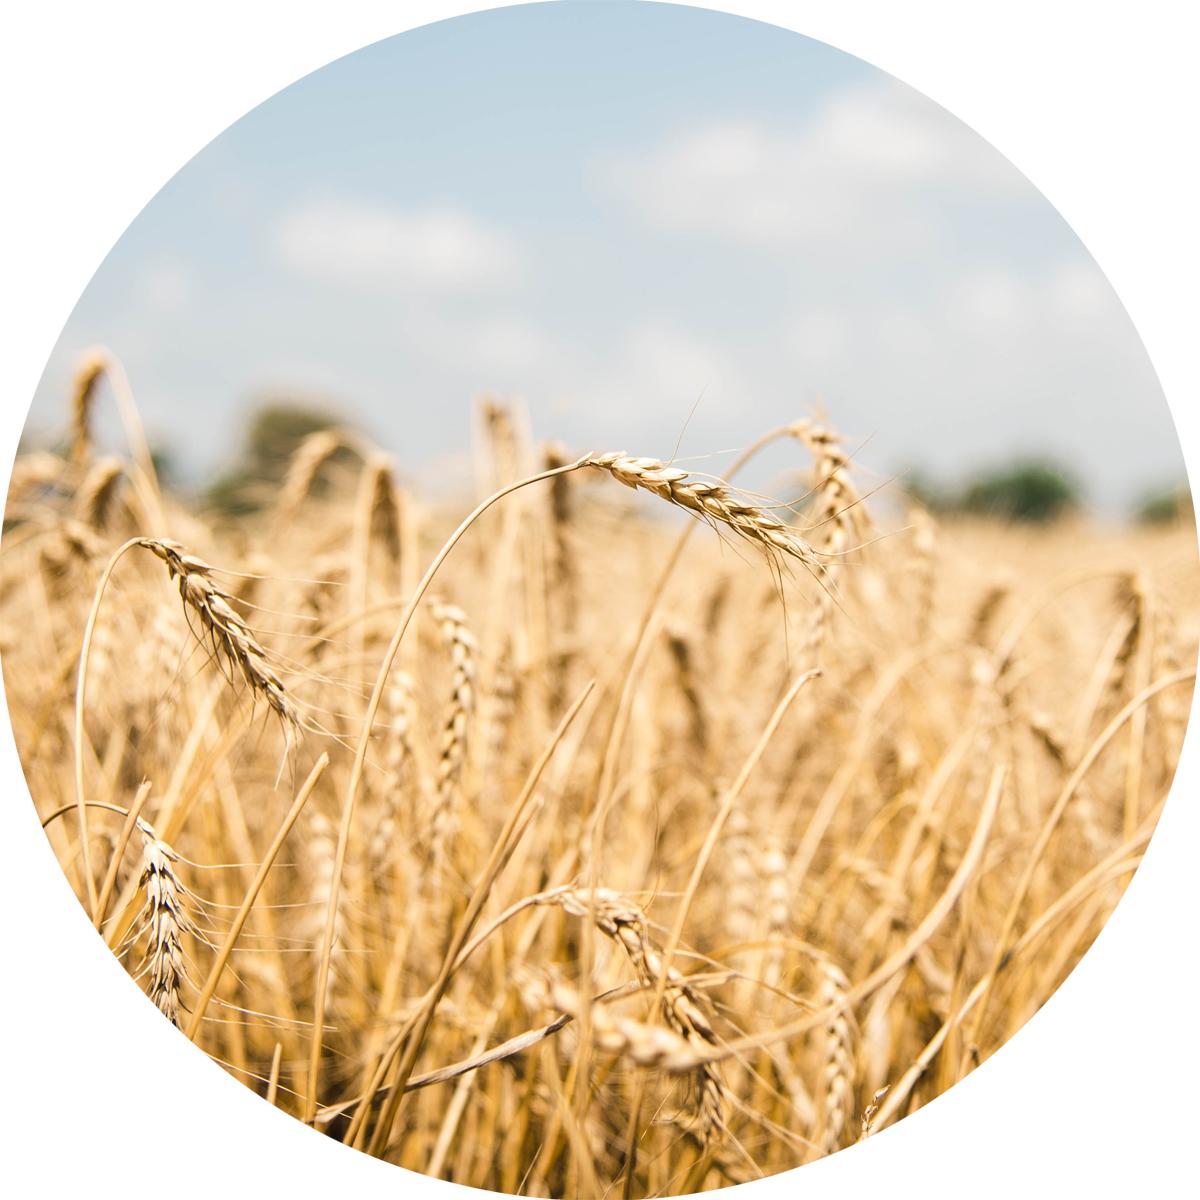 WheatCircle.jpg